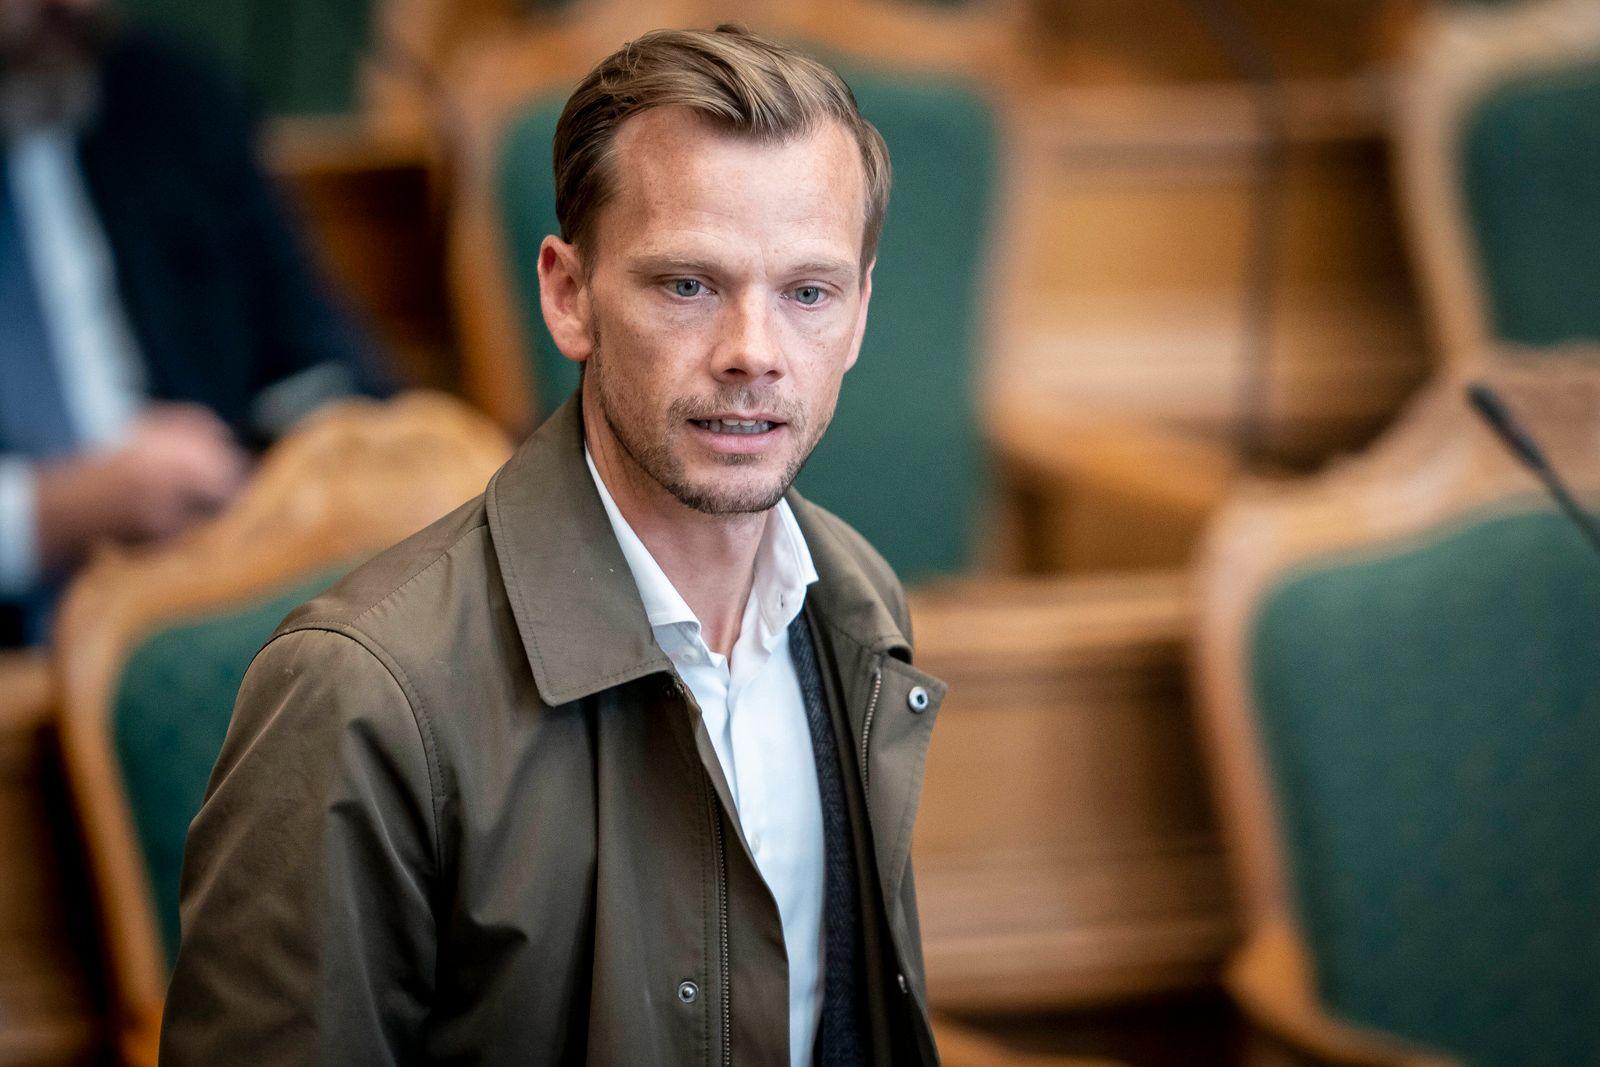 Beskaeftigelsesminister og minister for ligestilling Peter Hummelgaard Thomsen (S) under fremsaettelsen af lovforslag ve